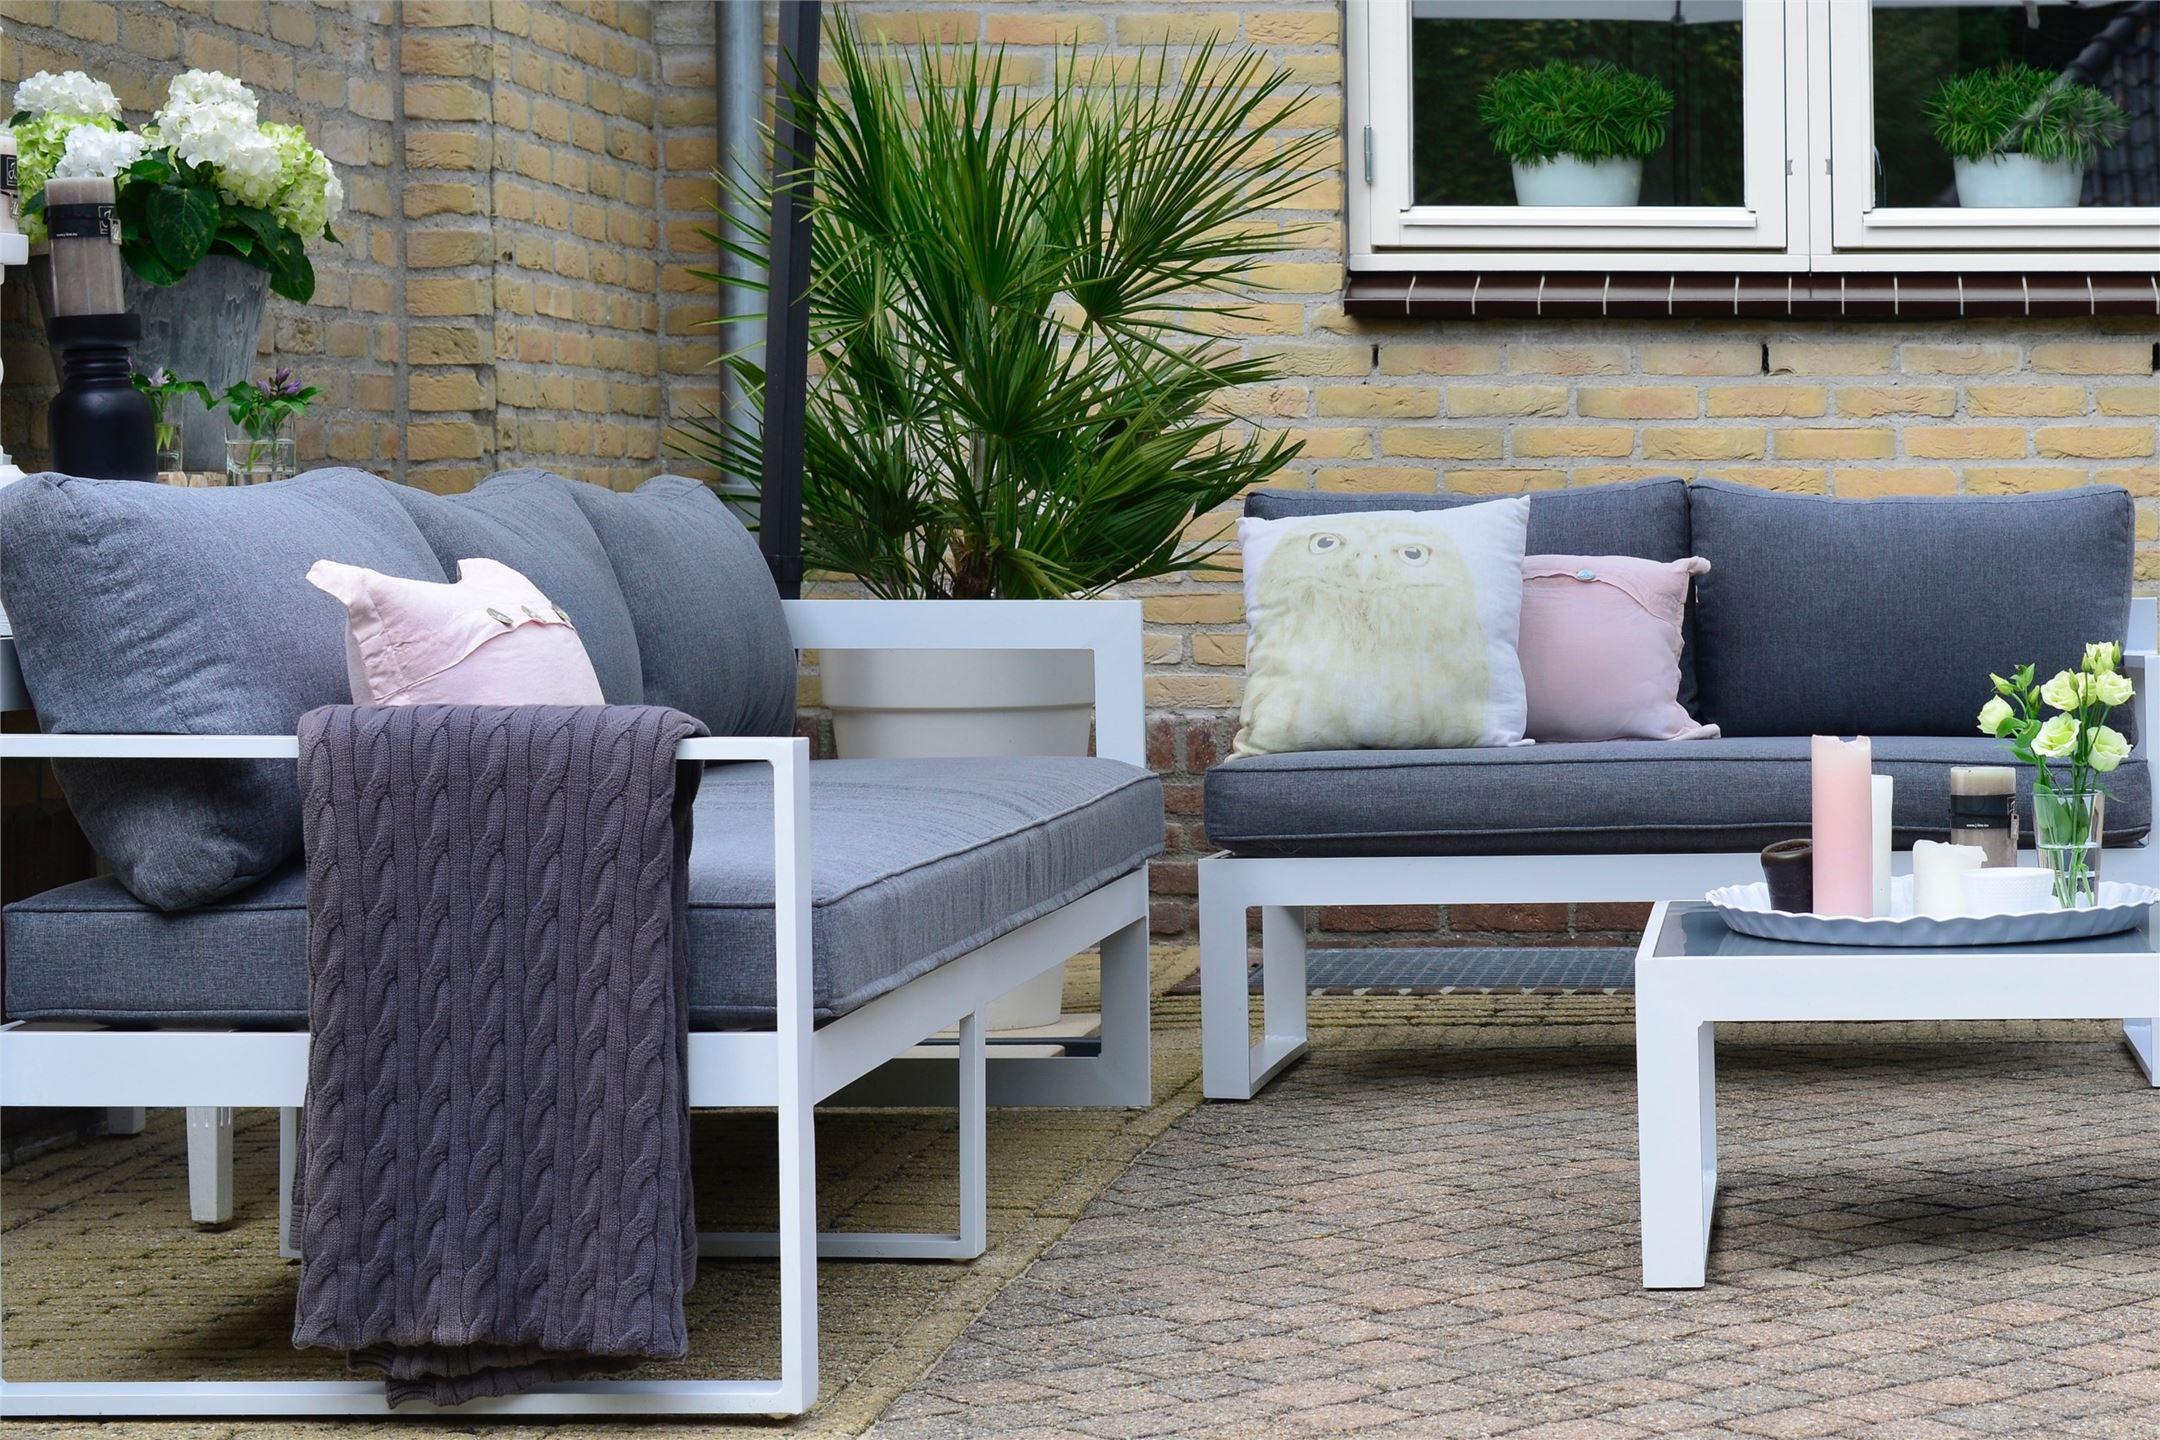 уличная садовая мебель столик подушки комнатное дерево